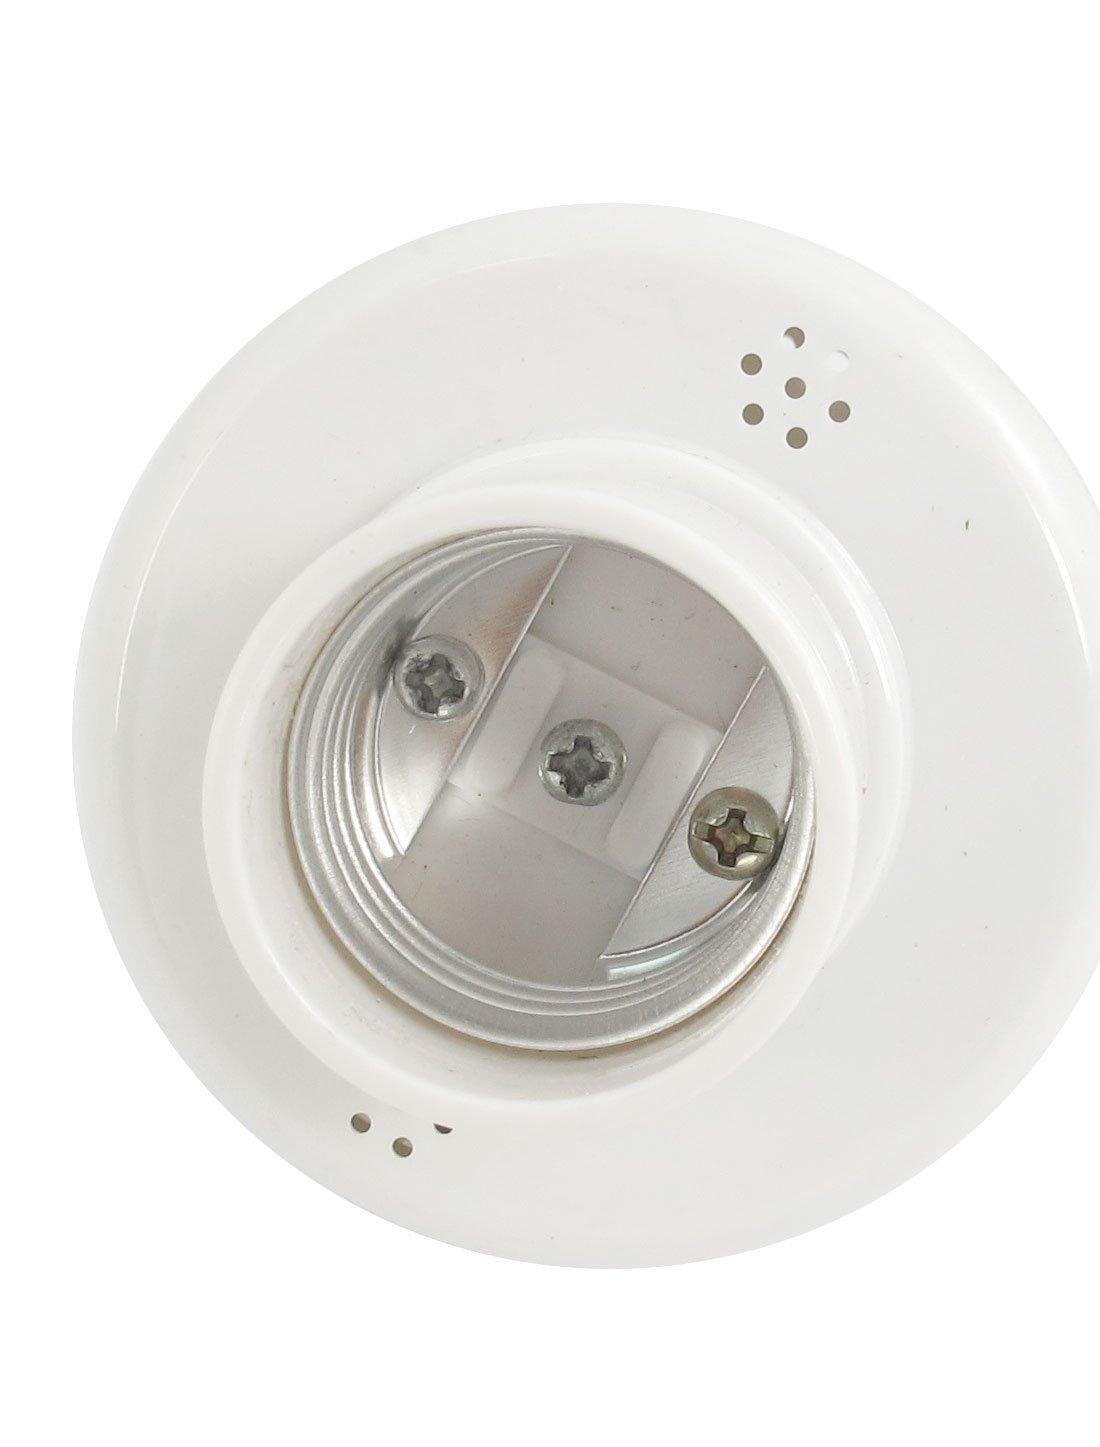 eDealMax 20M E27 distancia Soporte del Control de la lámpara de luz Para cabeza del interruptor del zócalo Brown: Amazon.com: Industrial & Scientific